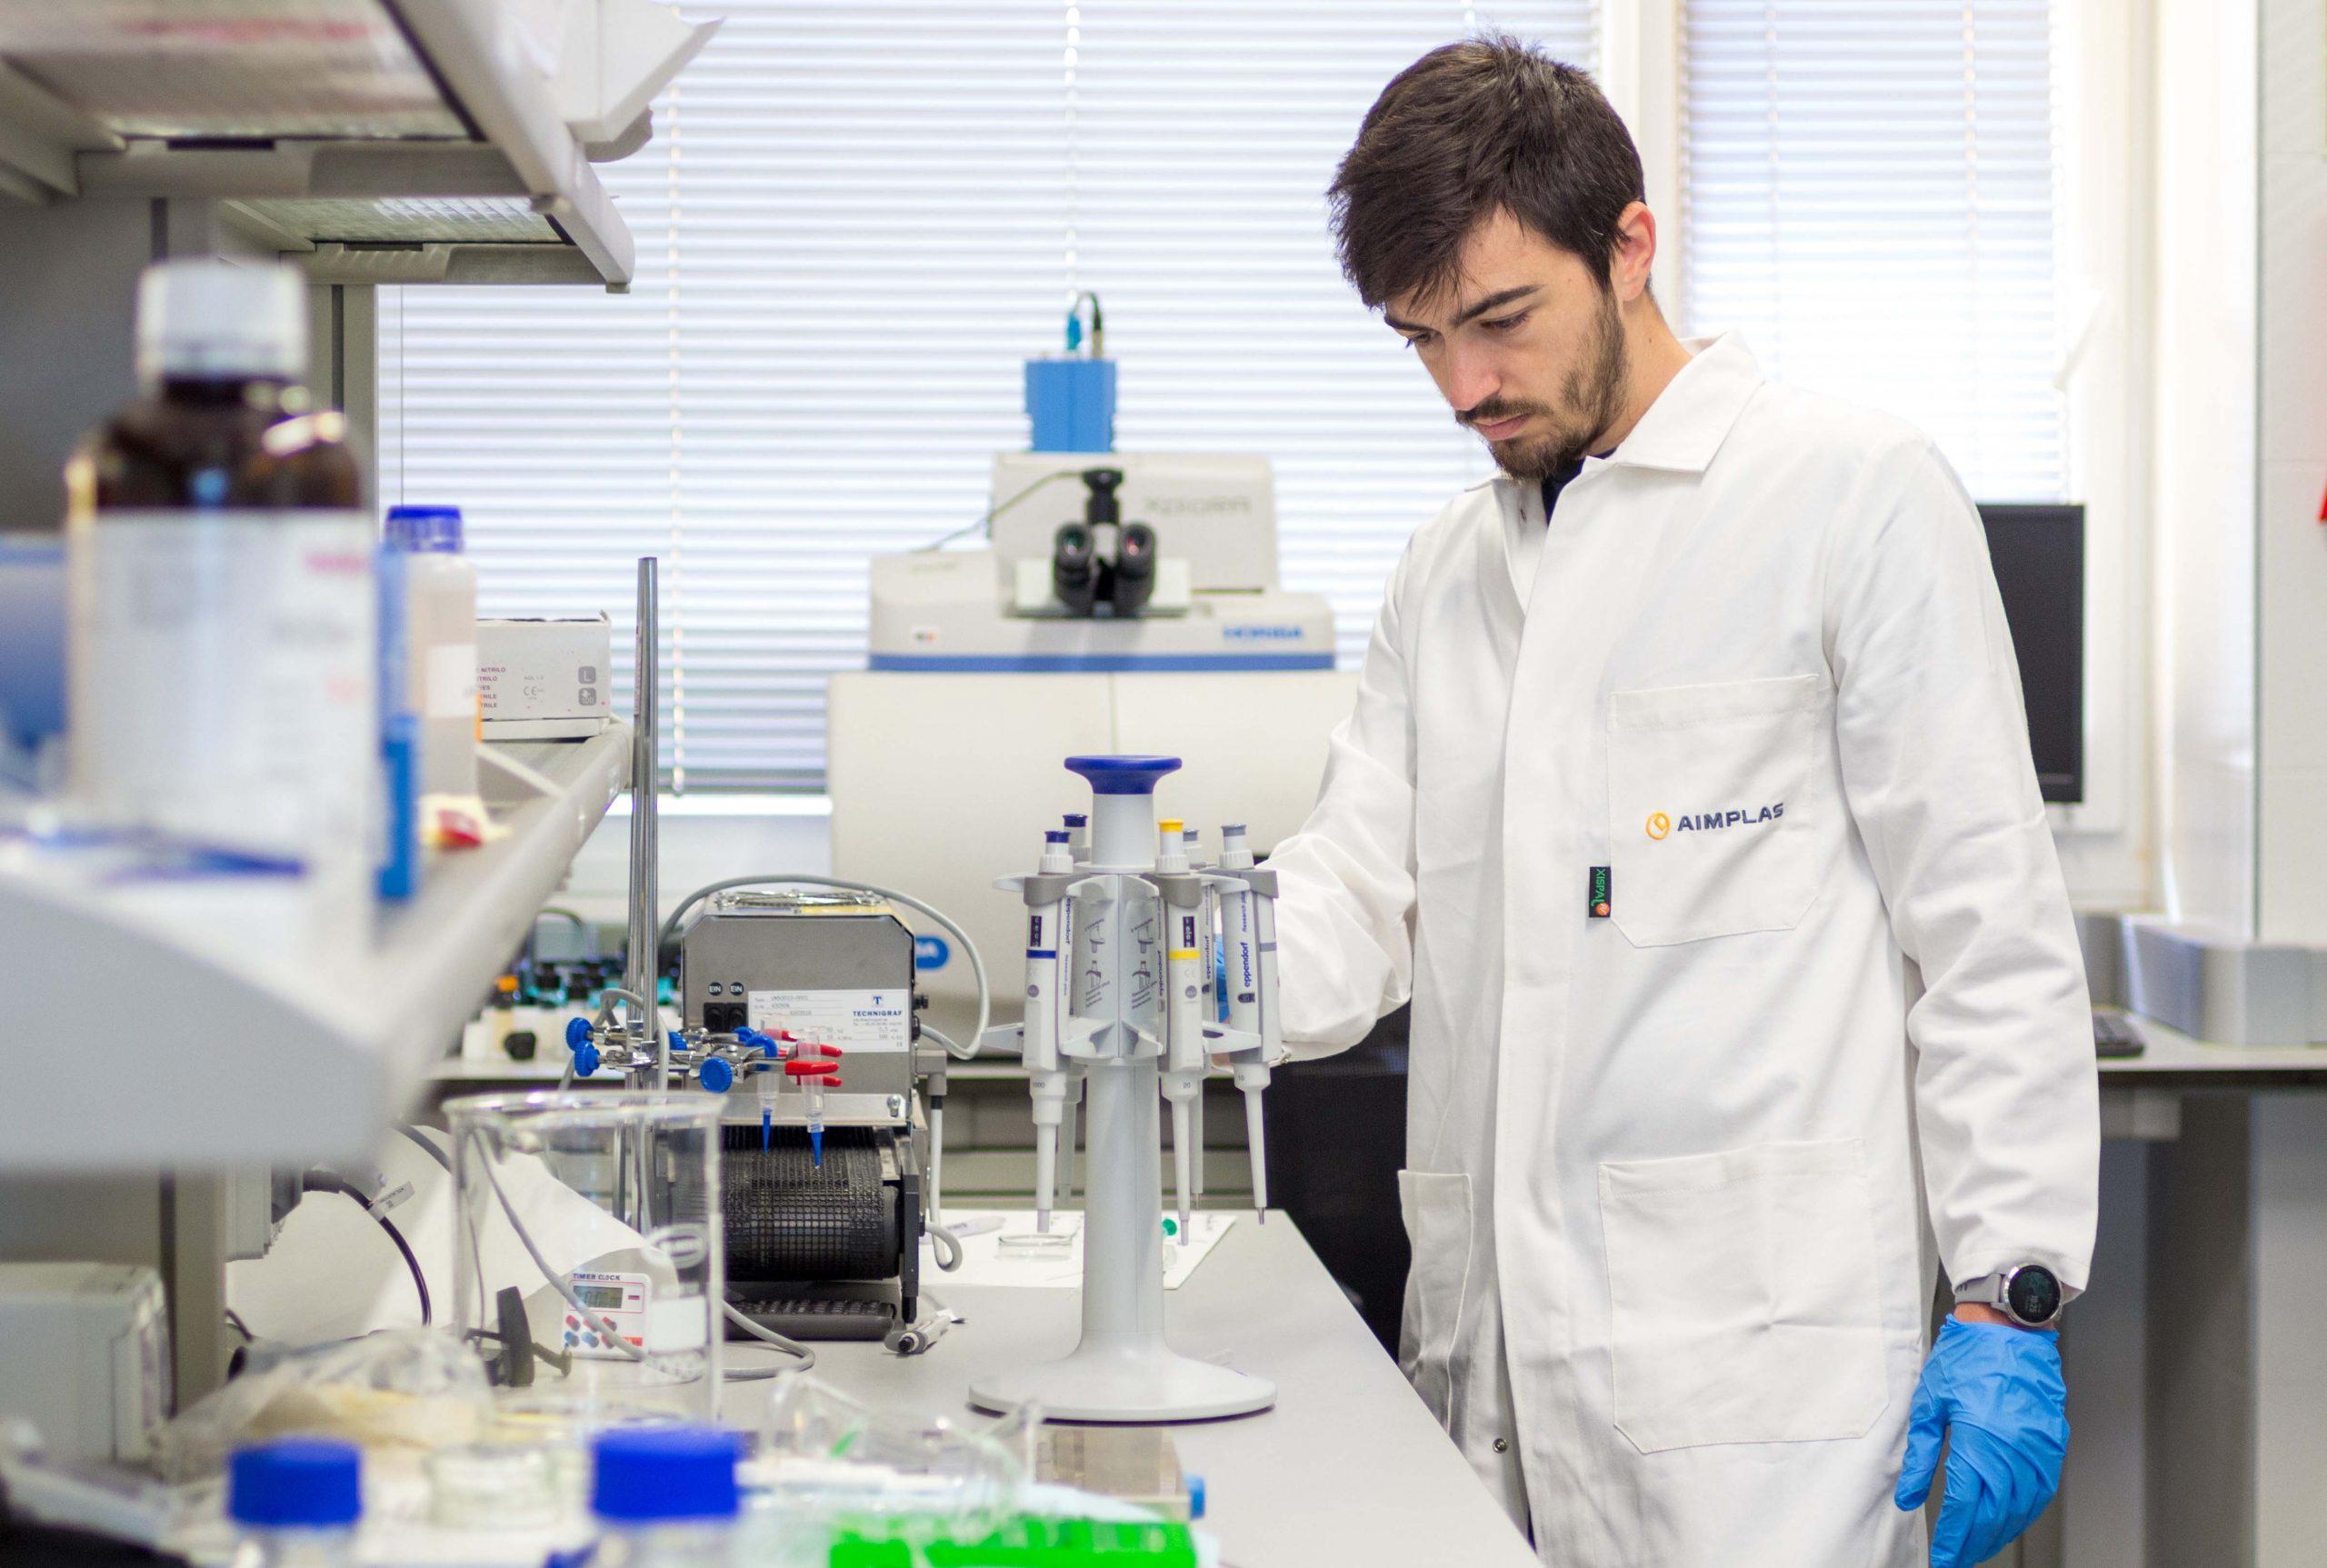 Imagen destacada Aimplas acelera la degradación del plástico y lo convierte en biopolímeros en BioICEP